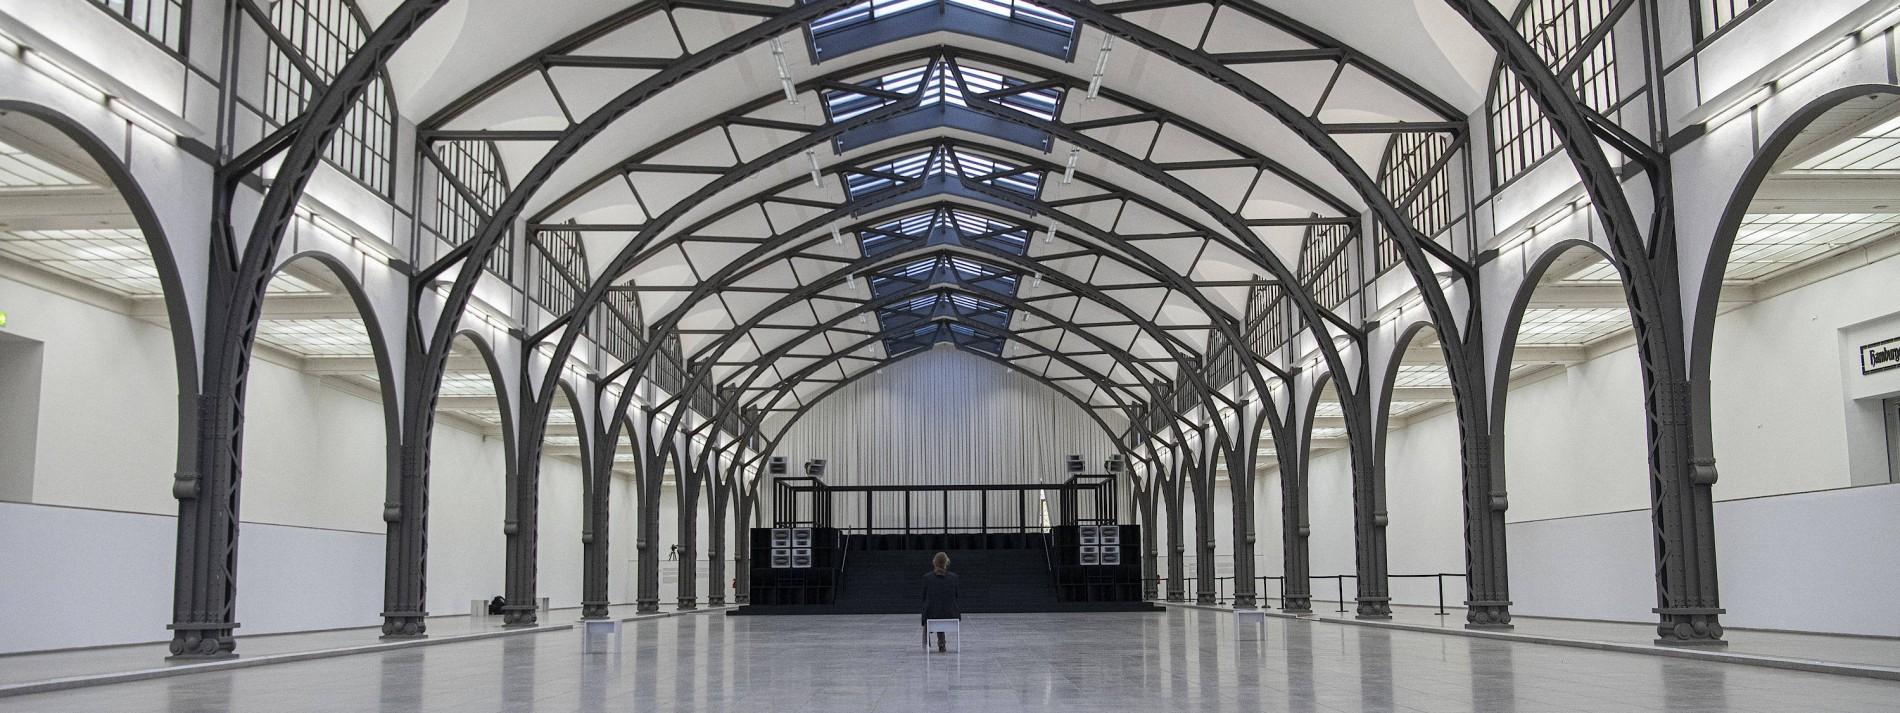 Bund möchte Museum Hamburger Bahnhof zurückkaufen